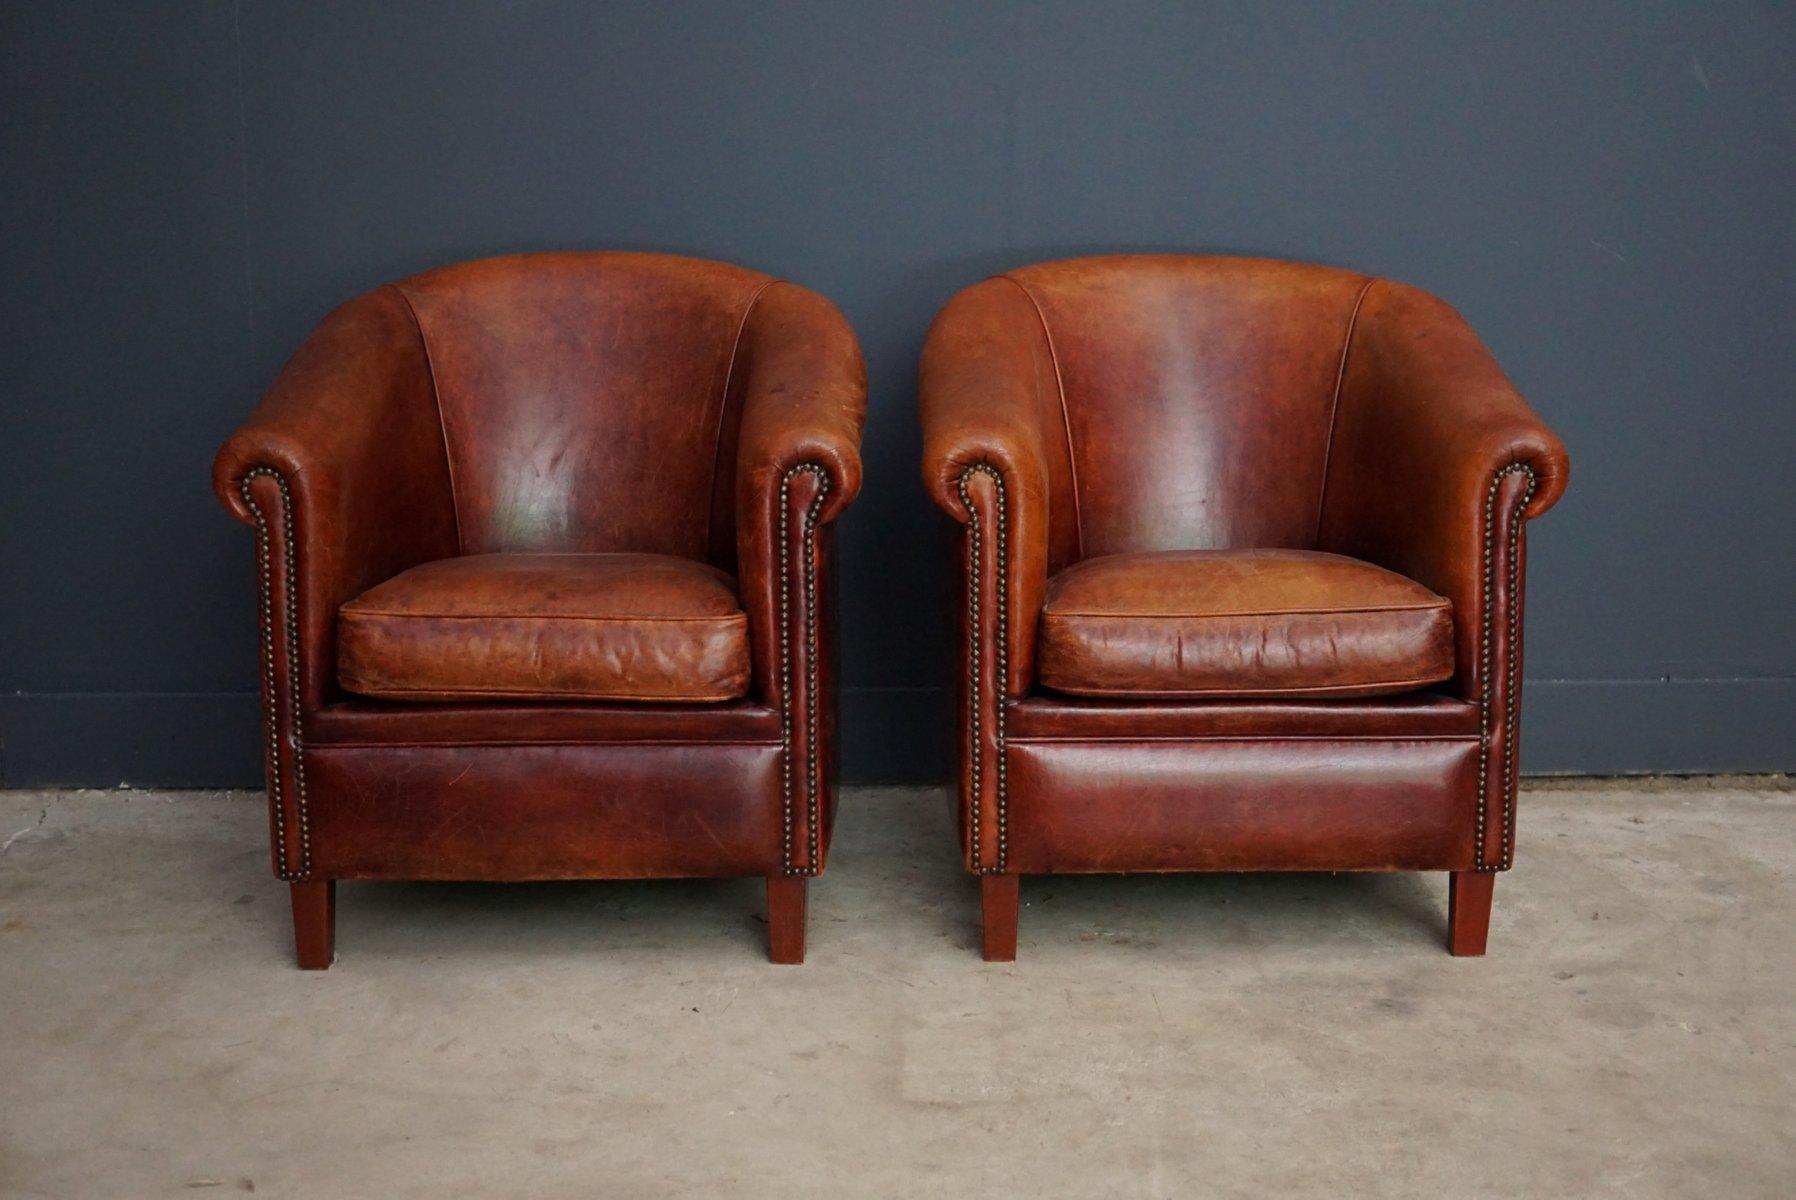 niederl ndische vintage cognac ledersessel 2er set bei. Black Bedroom Furniture Sets. Home Design Ideas